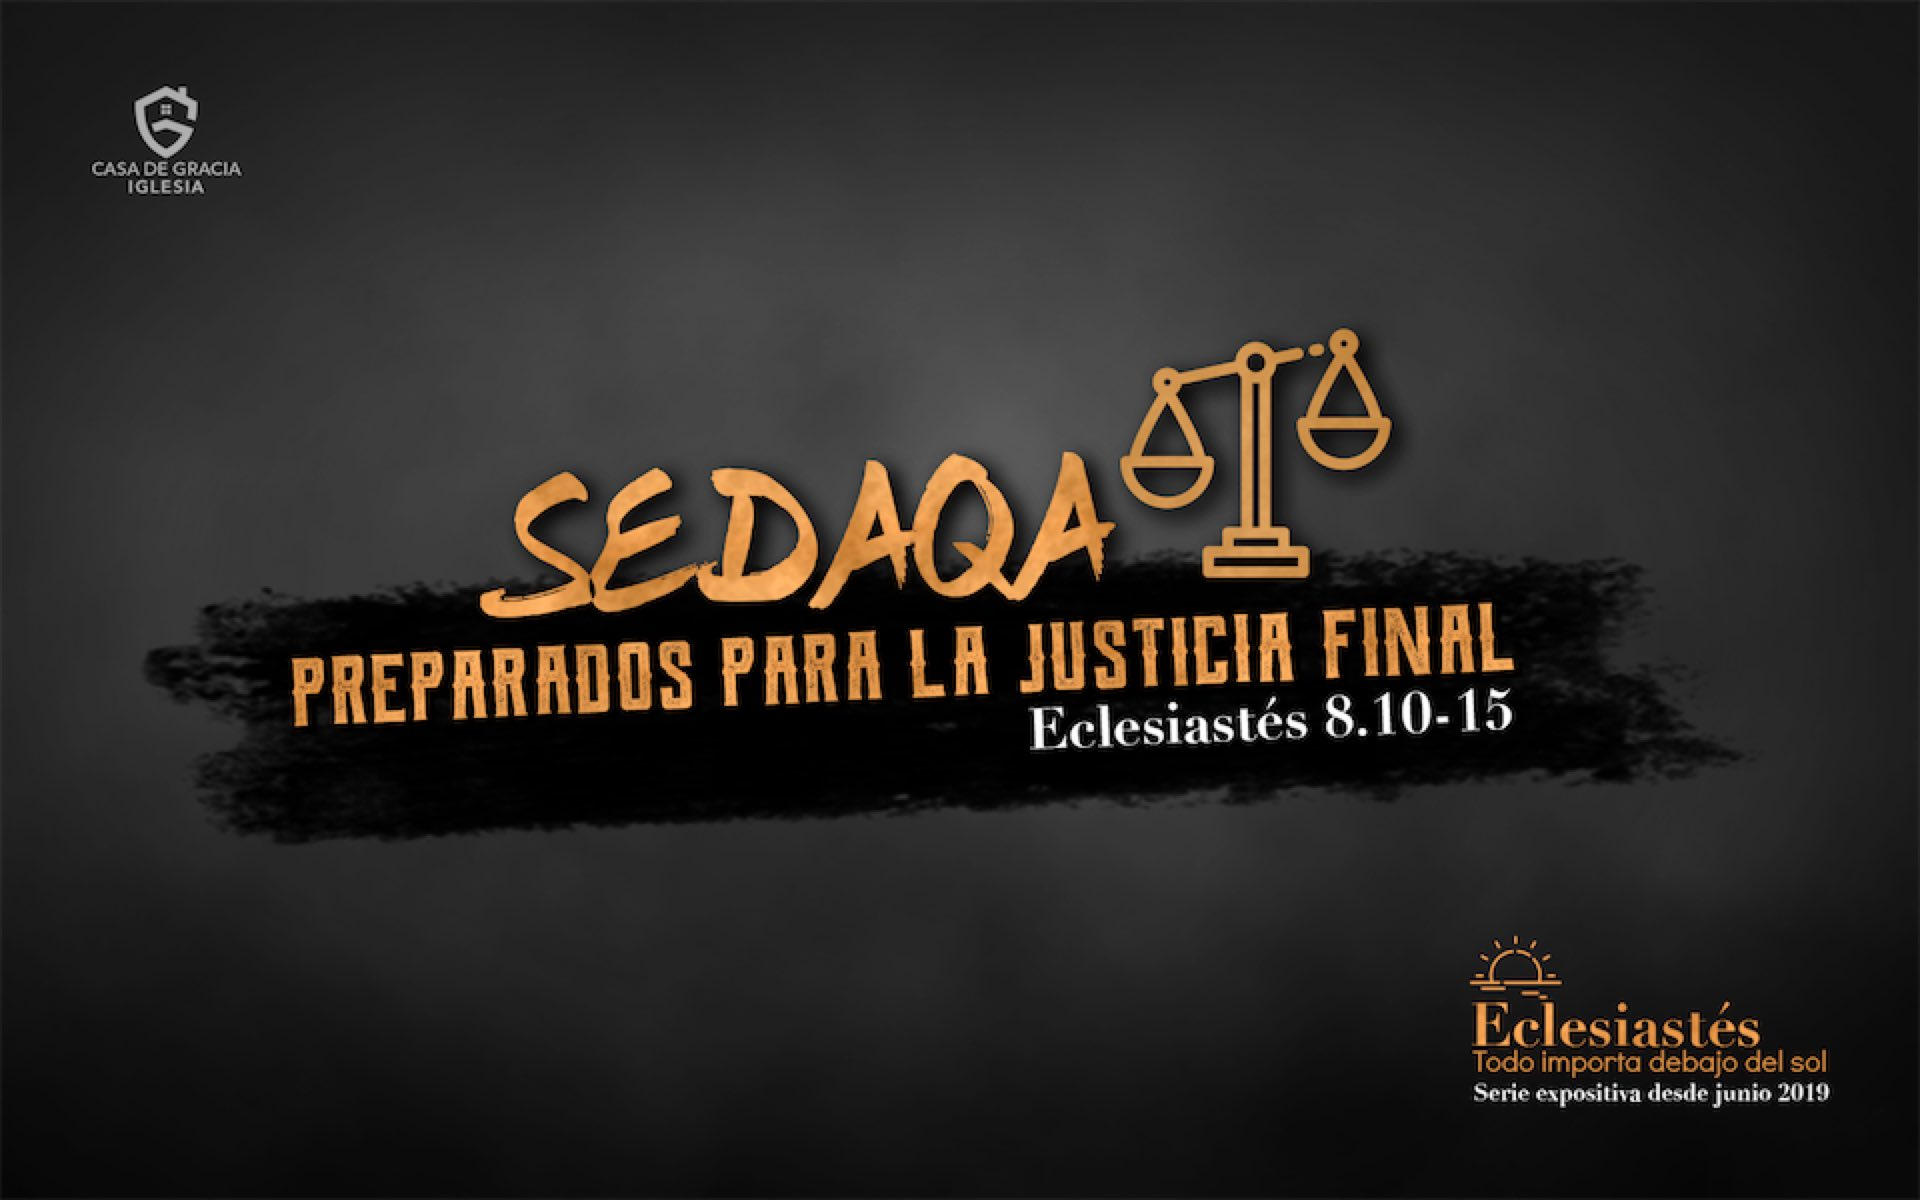 Sedaqa: Preparados para la justicia final - Iglesia Casa de Gracia